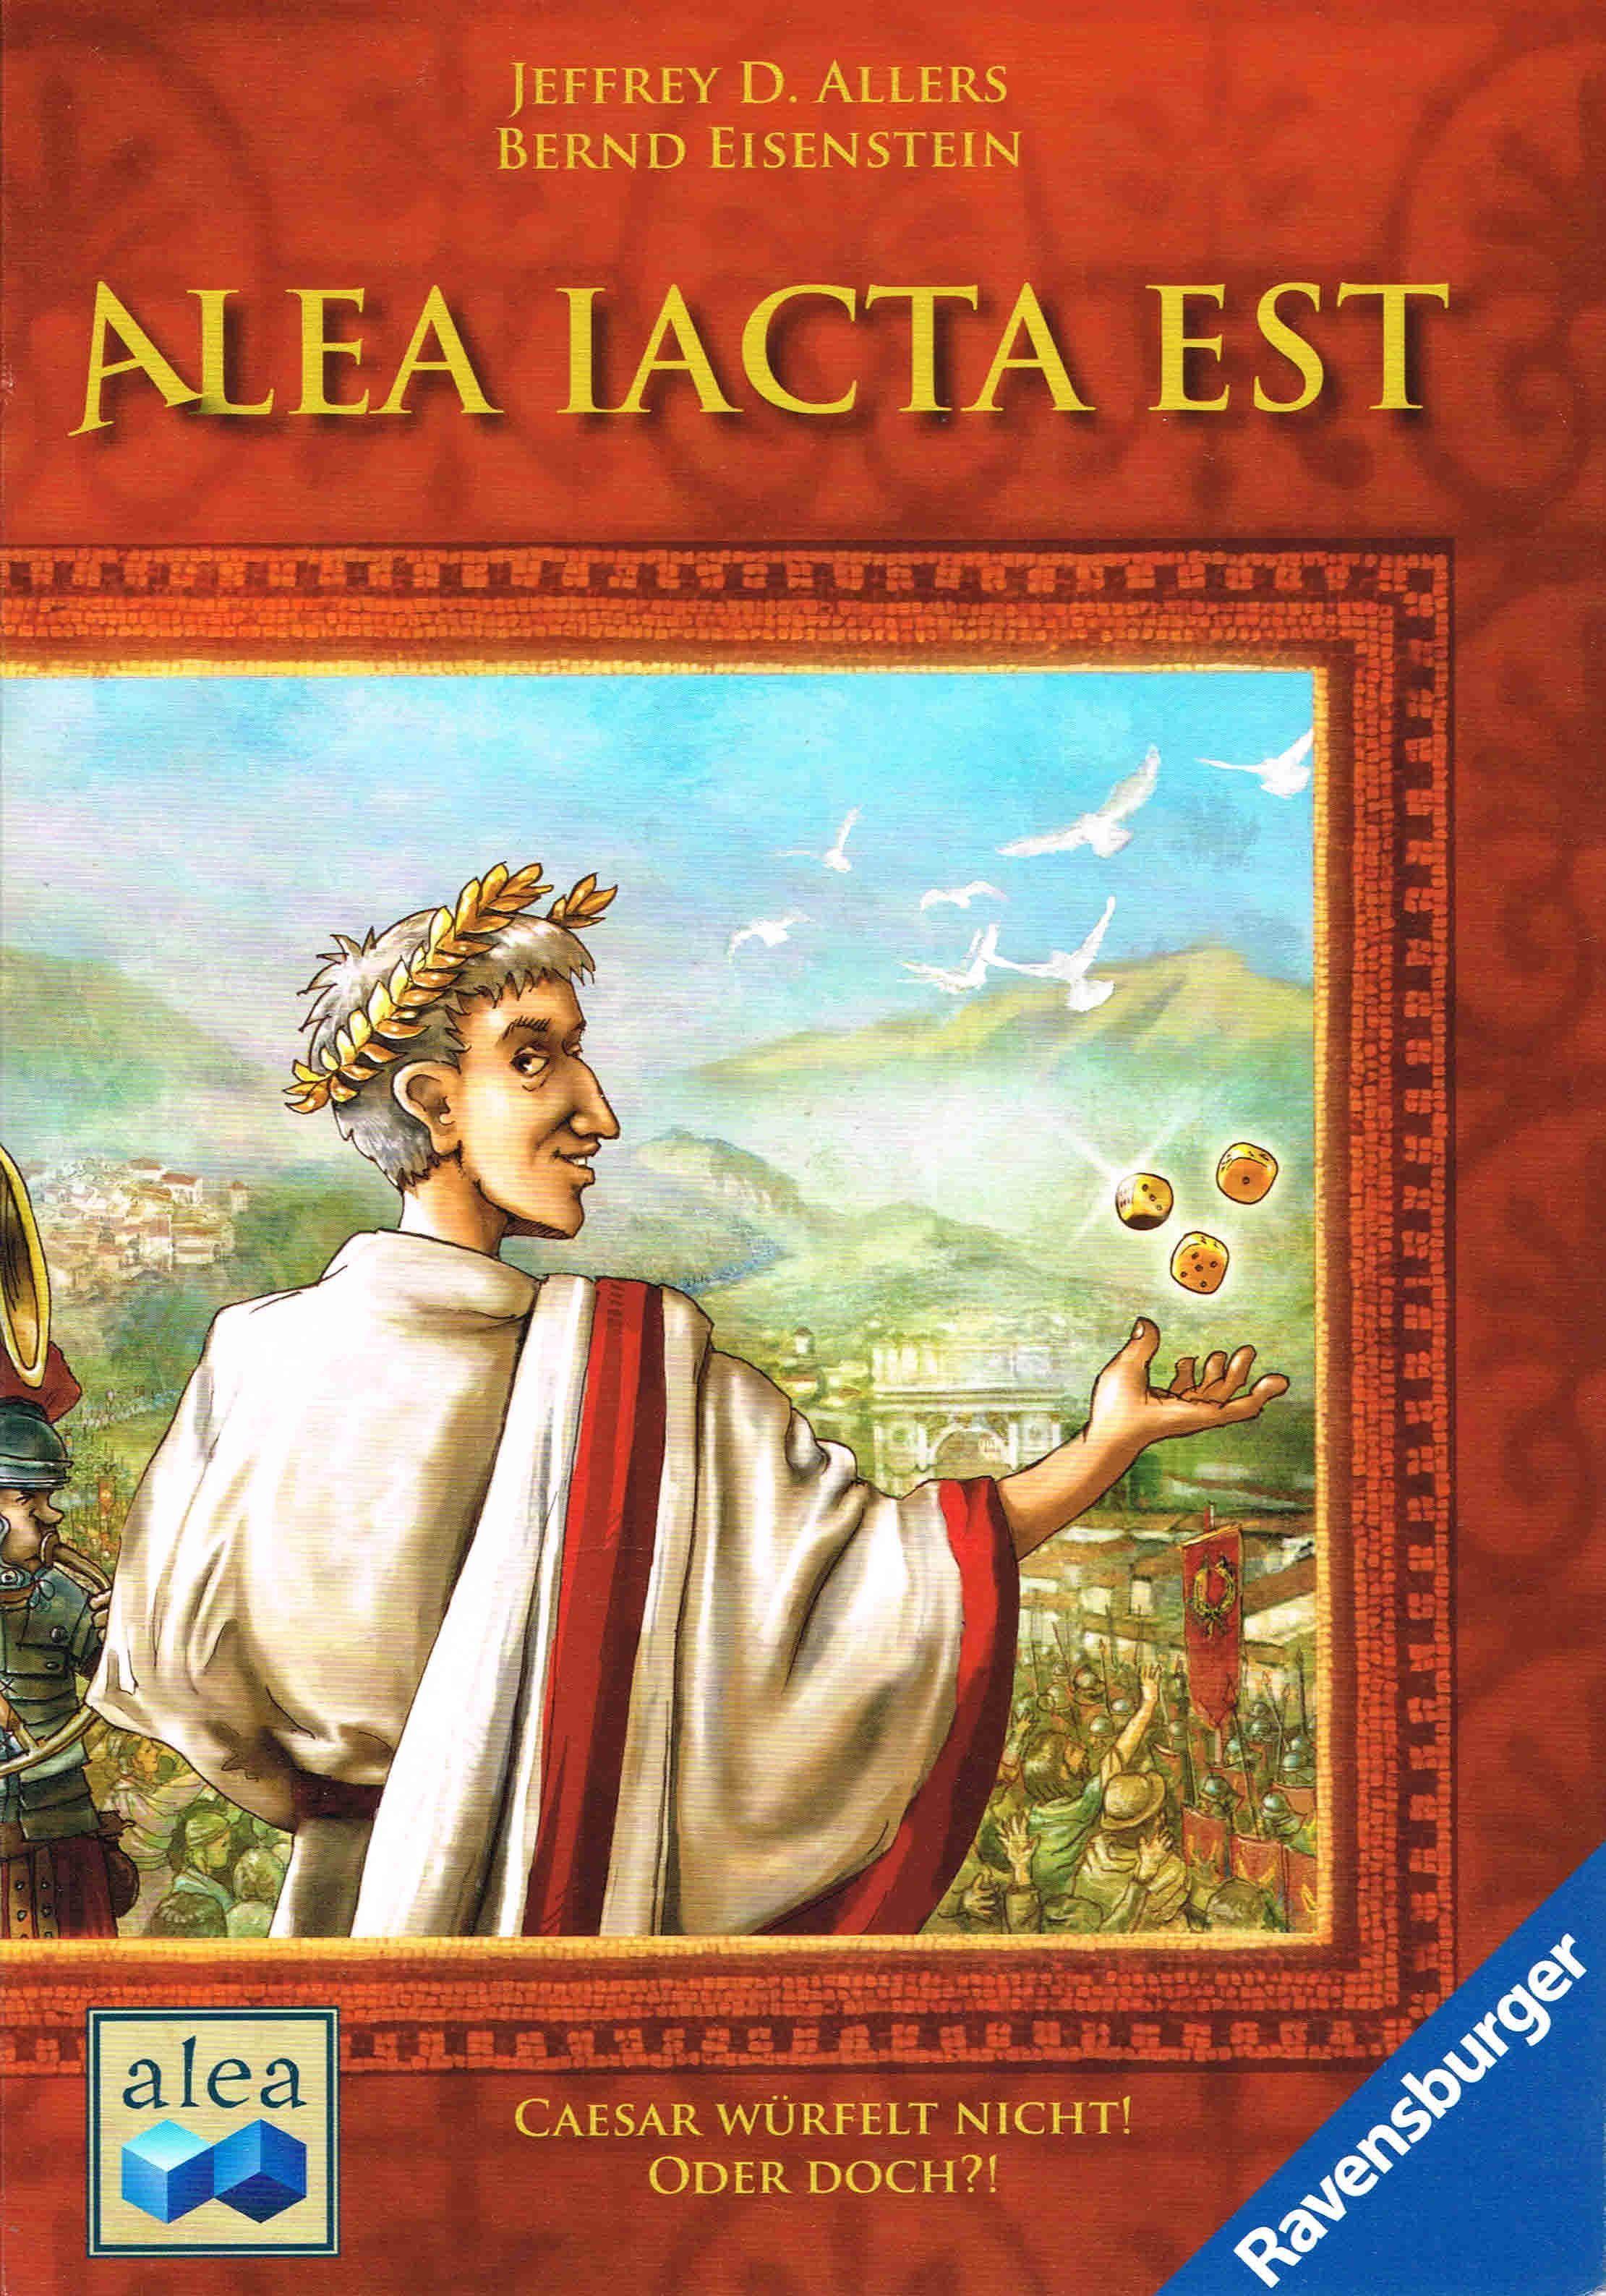 Main image for Alea Iacta Est board game